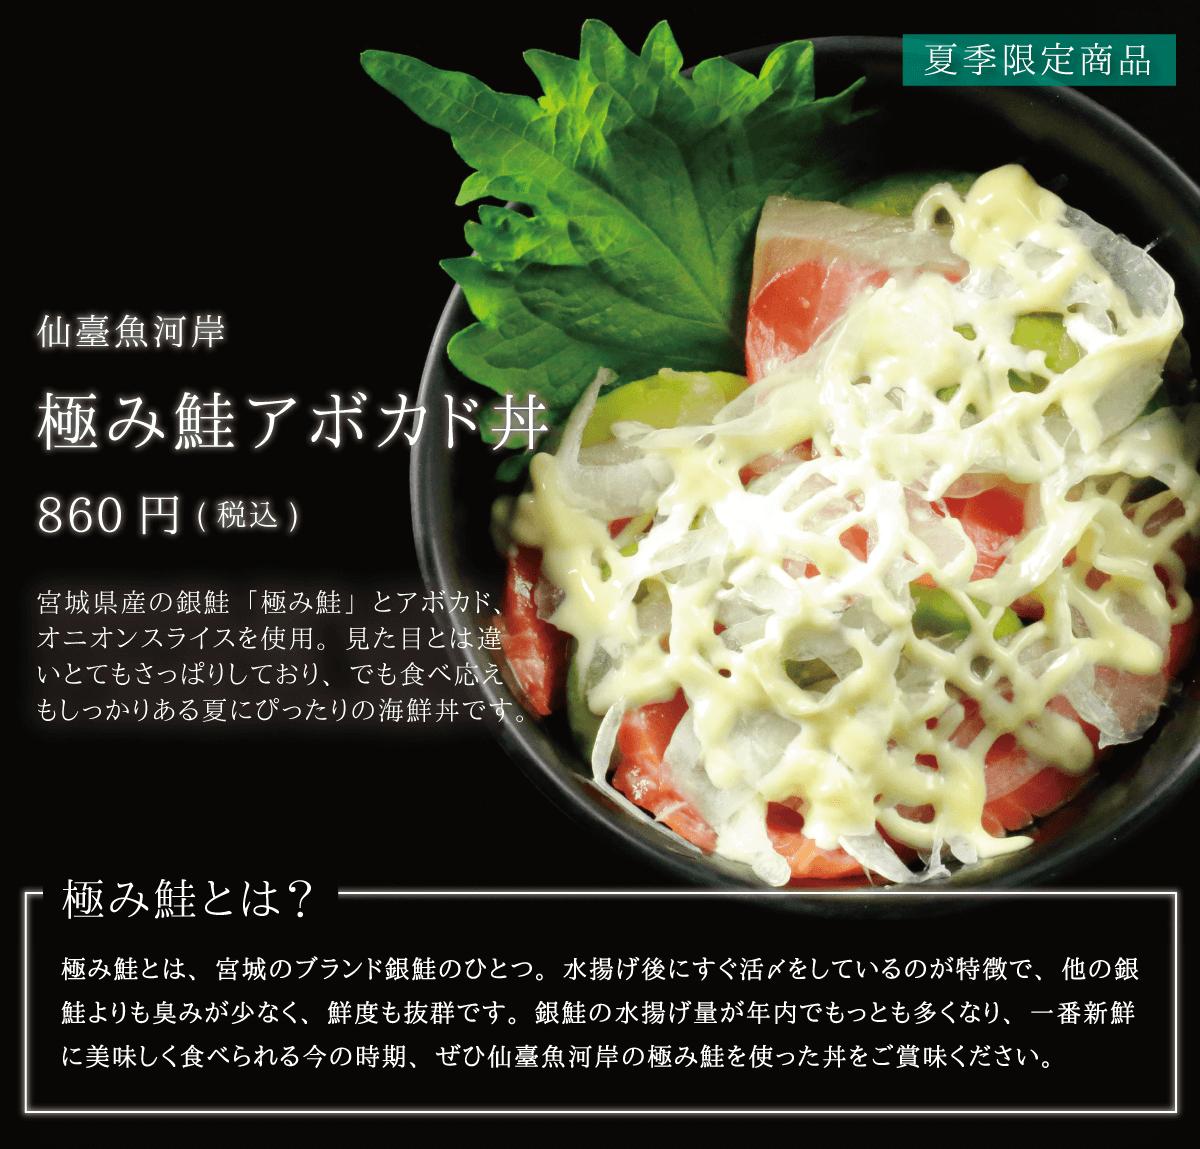 仙臺魚河岸 夏季限定 極み鮭アボカド丼